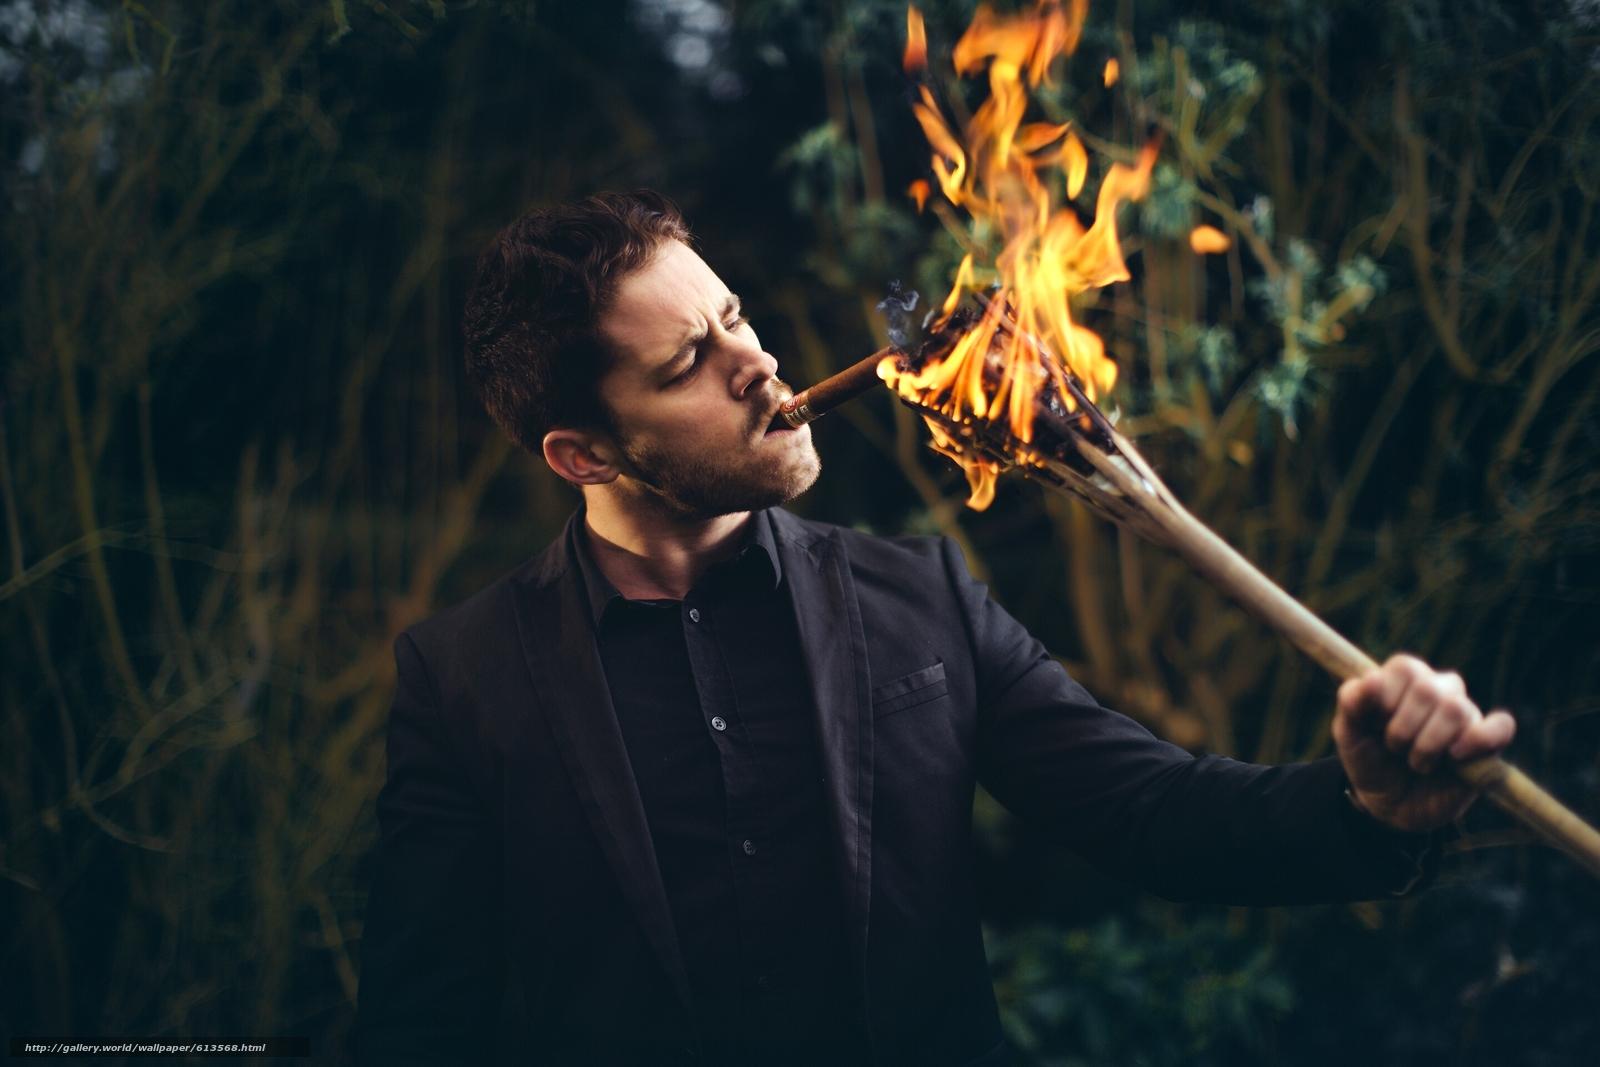 Скачать на телефон обои фото картинку на тему парень, сигара, щетина, факел, огонь, разширение 2880x1920